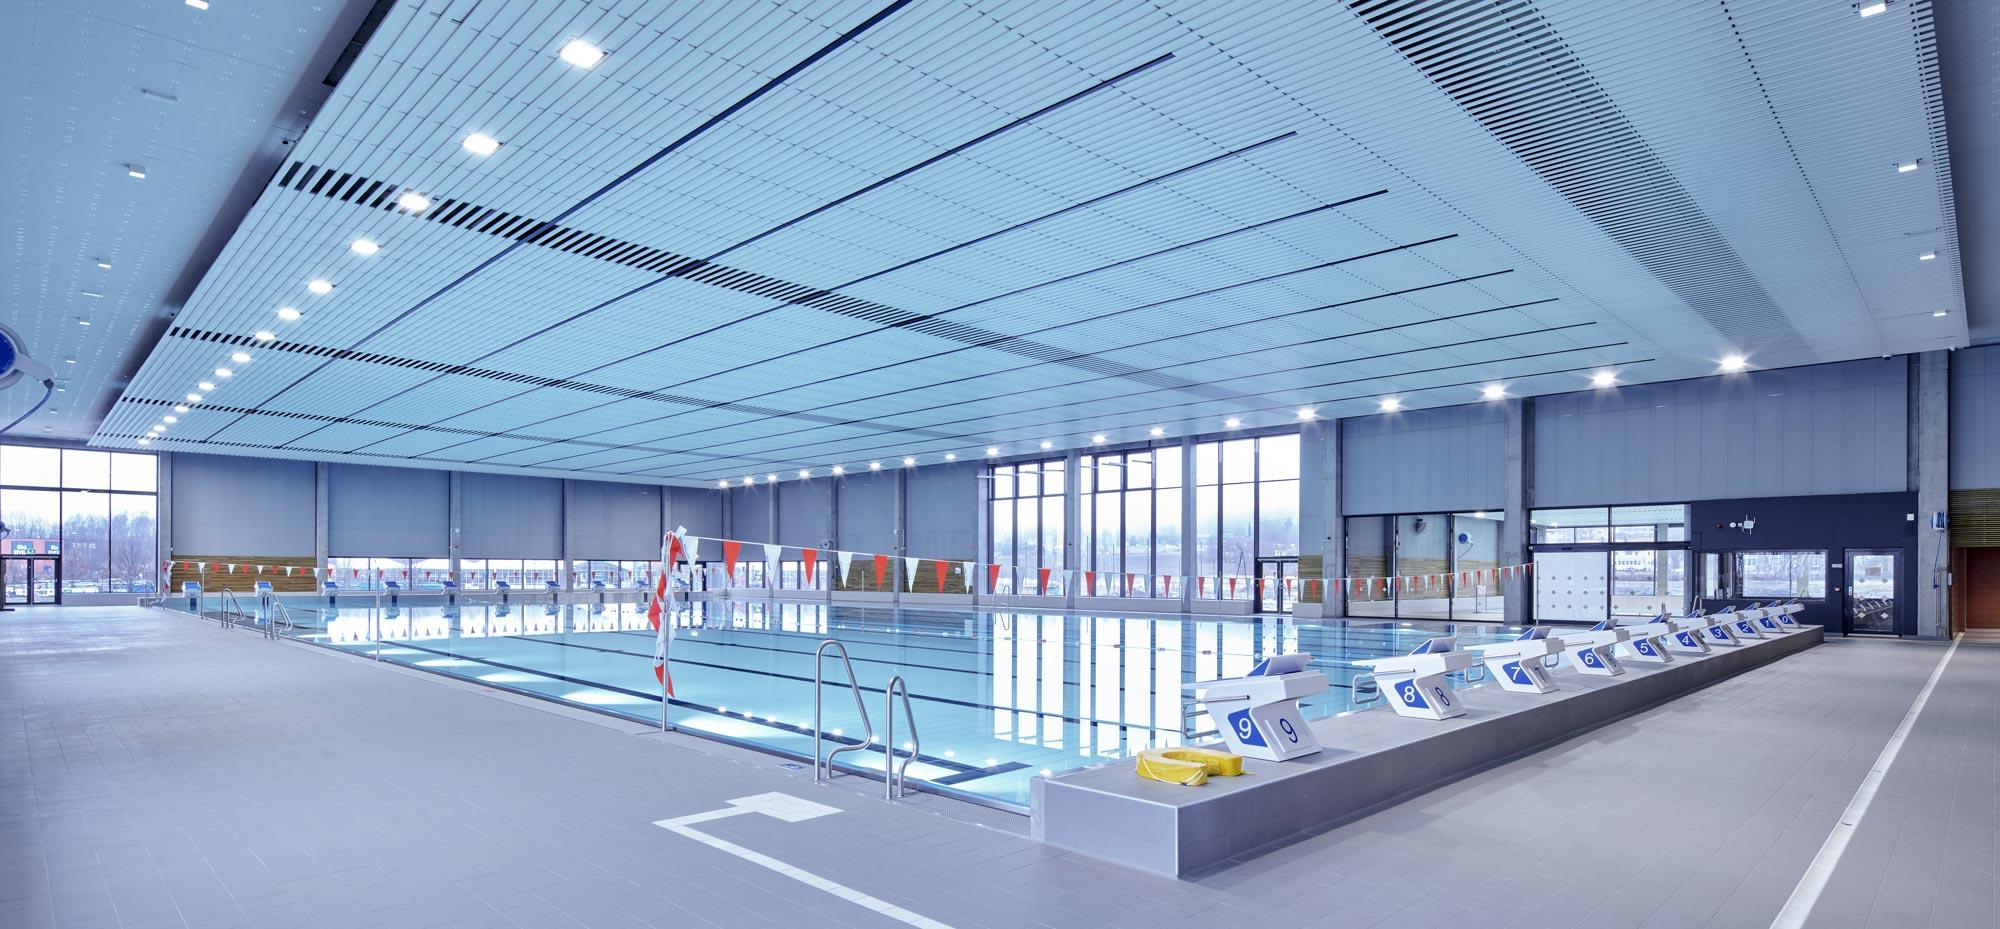 Rud svømmehall i Bærum kommune